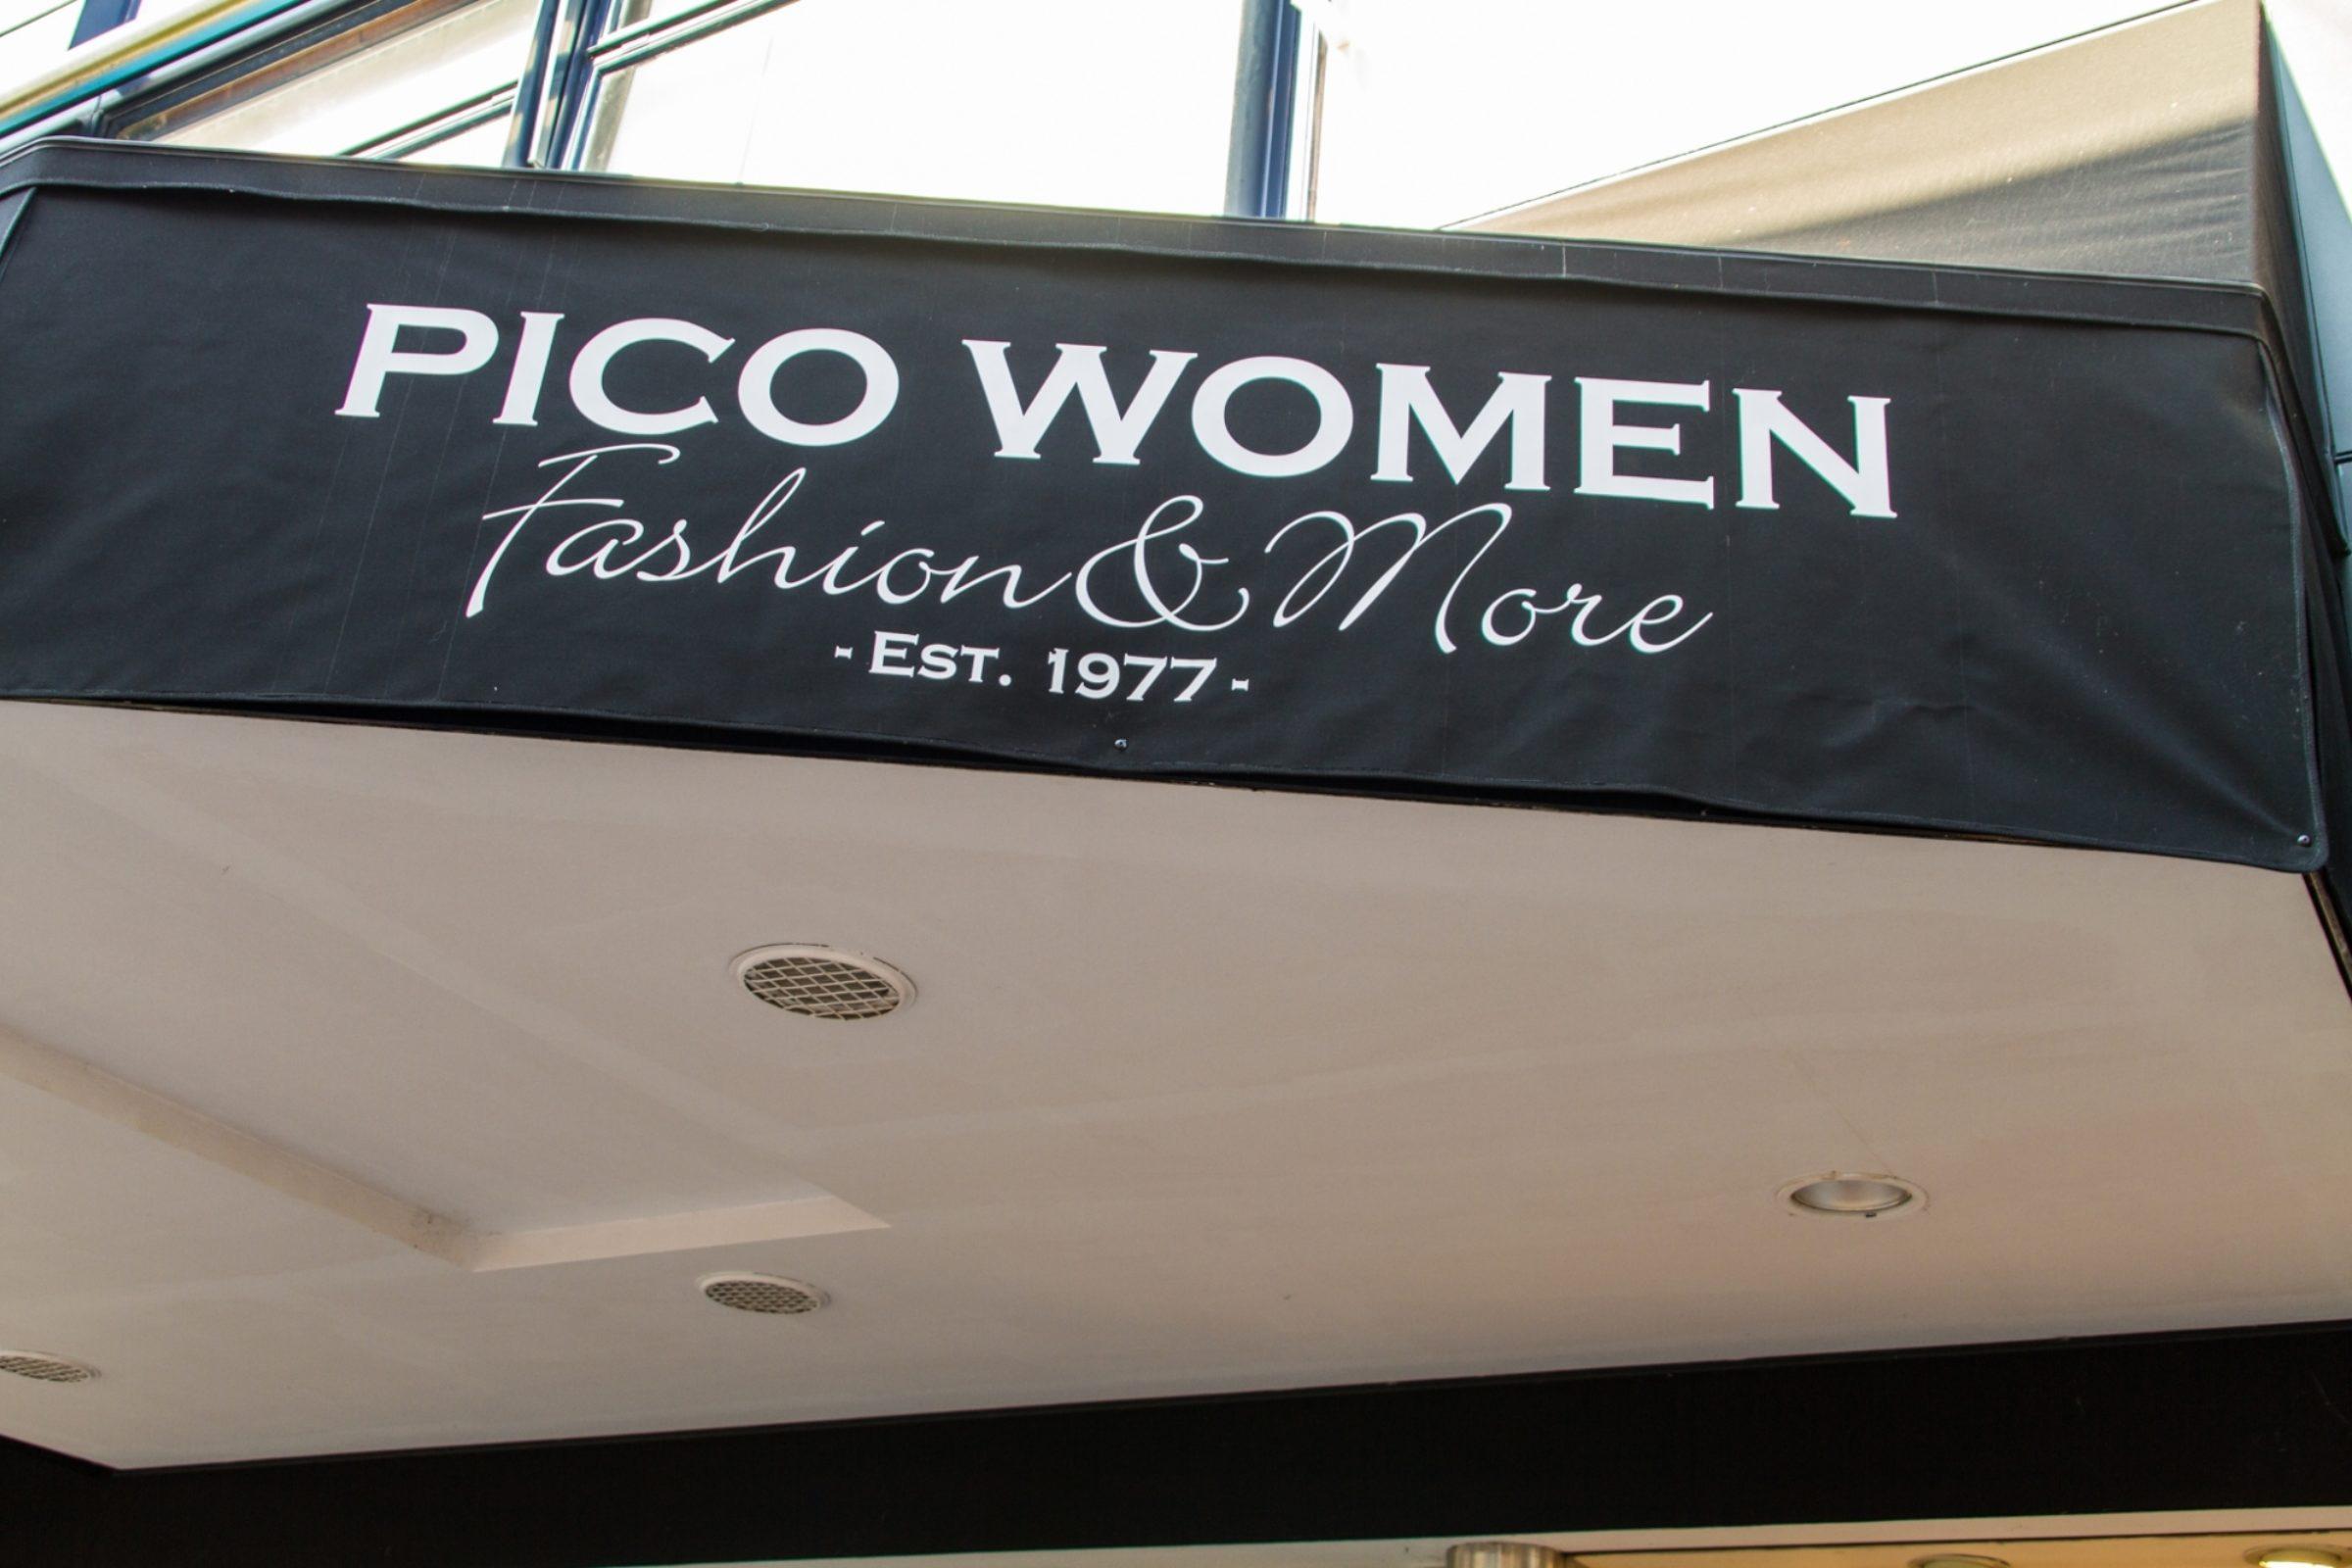 Pico Women 7197